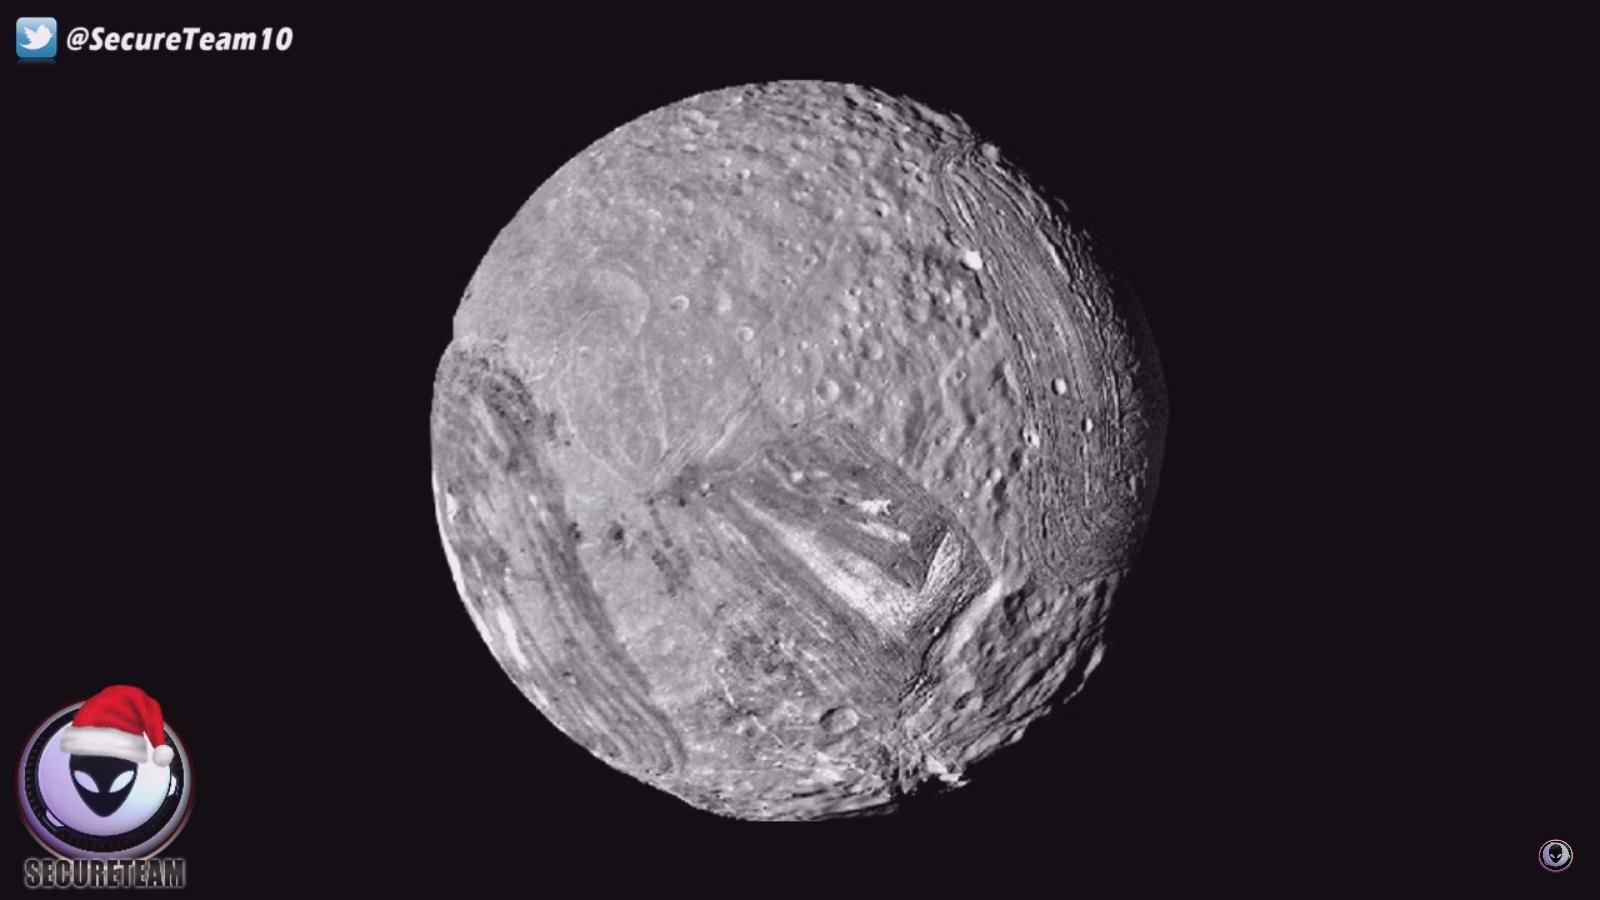 Uranus' moon, Miranda